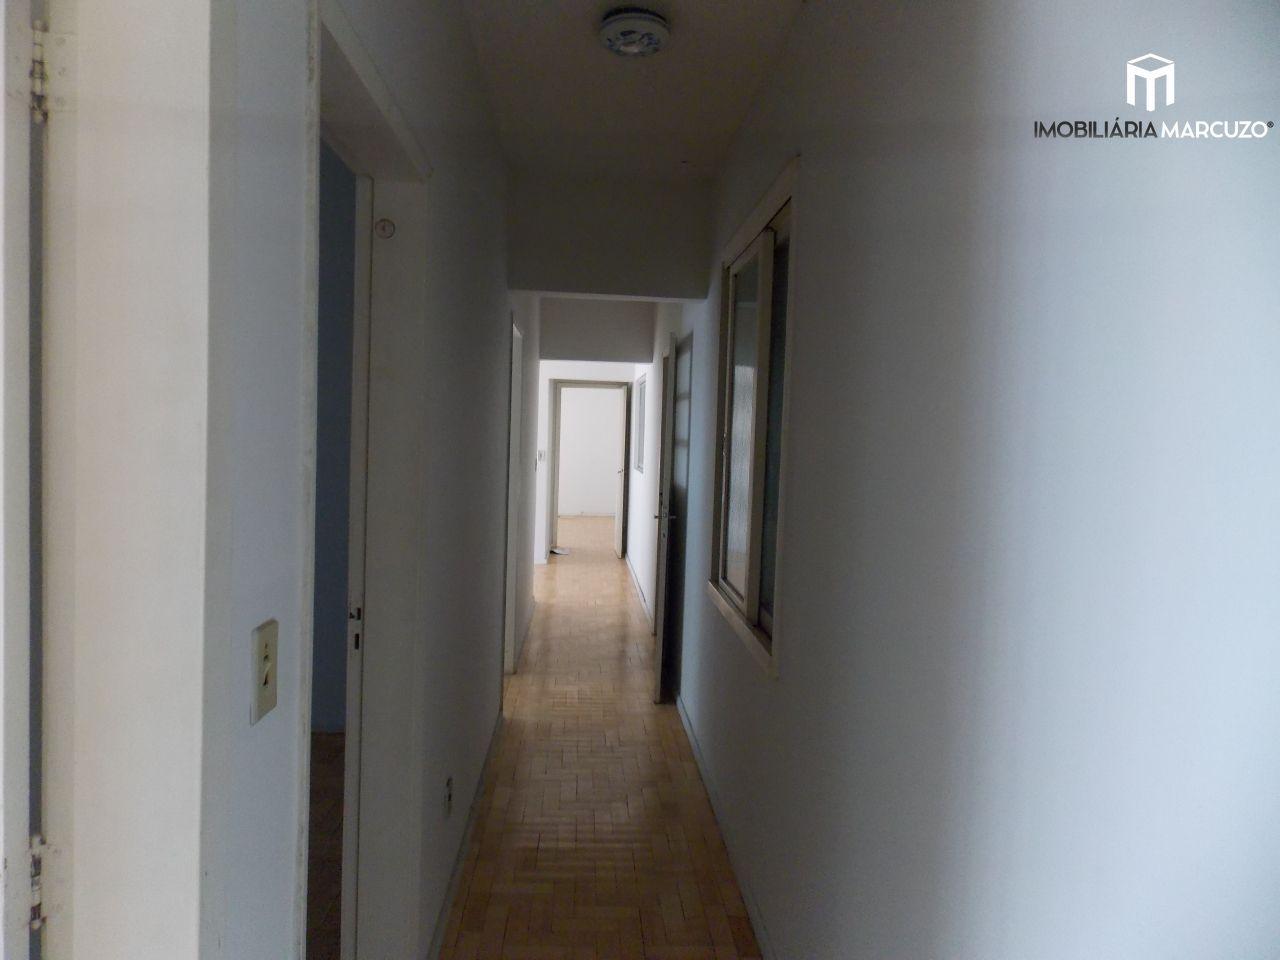 Apartamento com 3 Dormitórios à venda, 130 m² por R$ 300.000,00